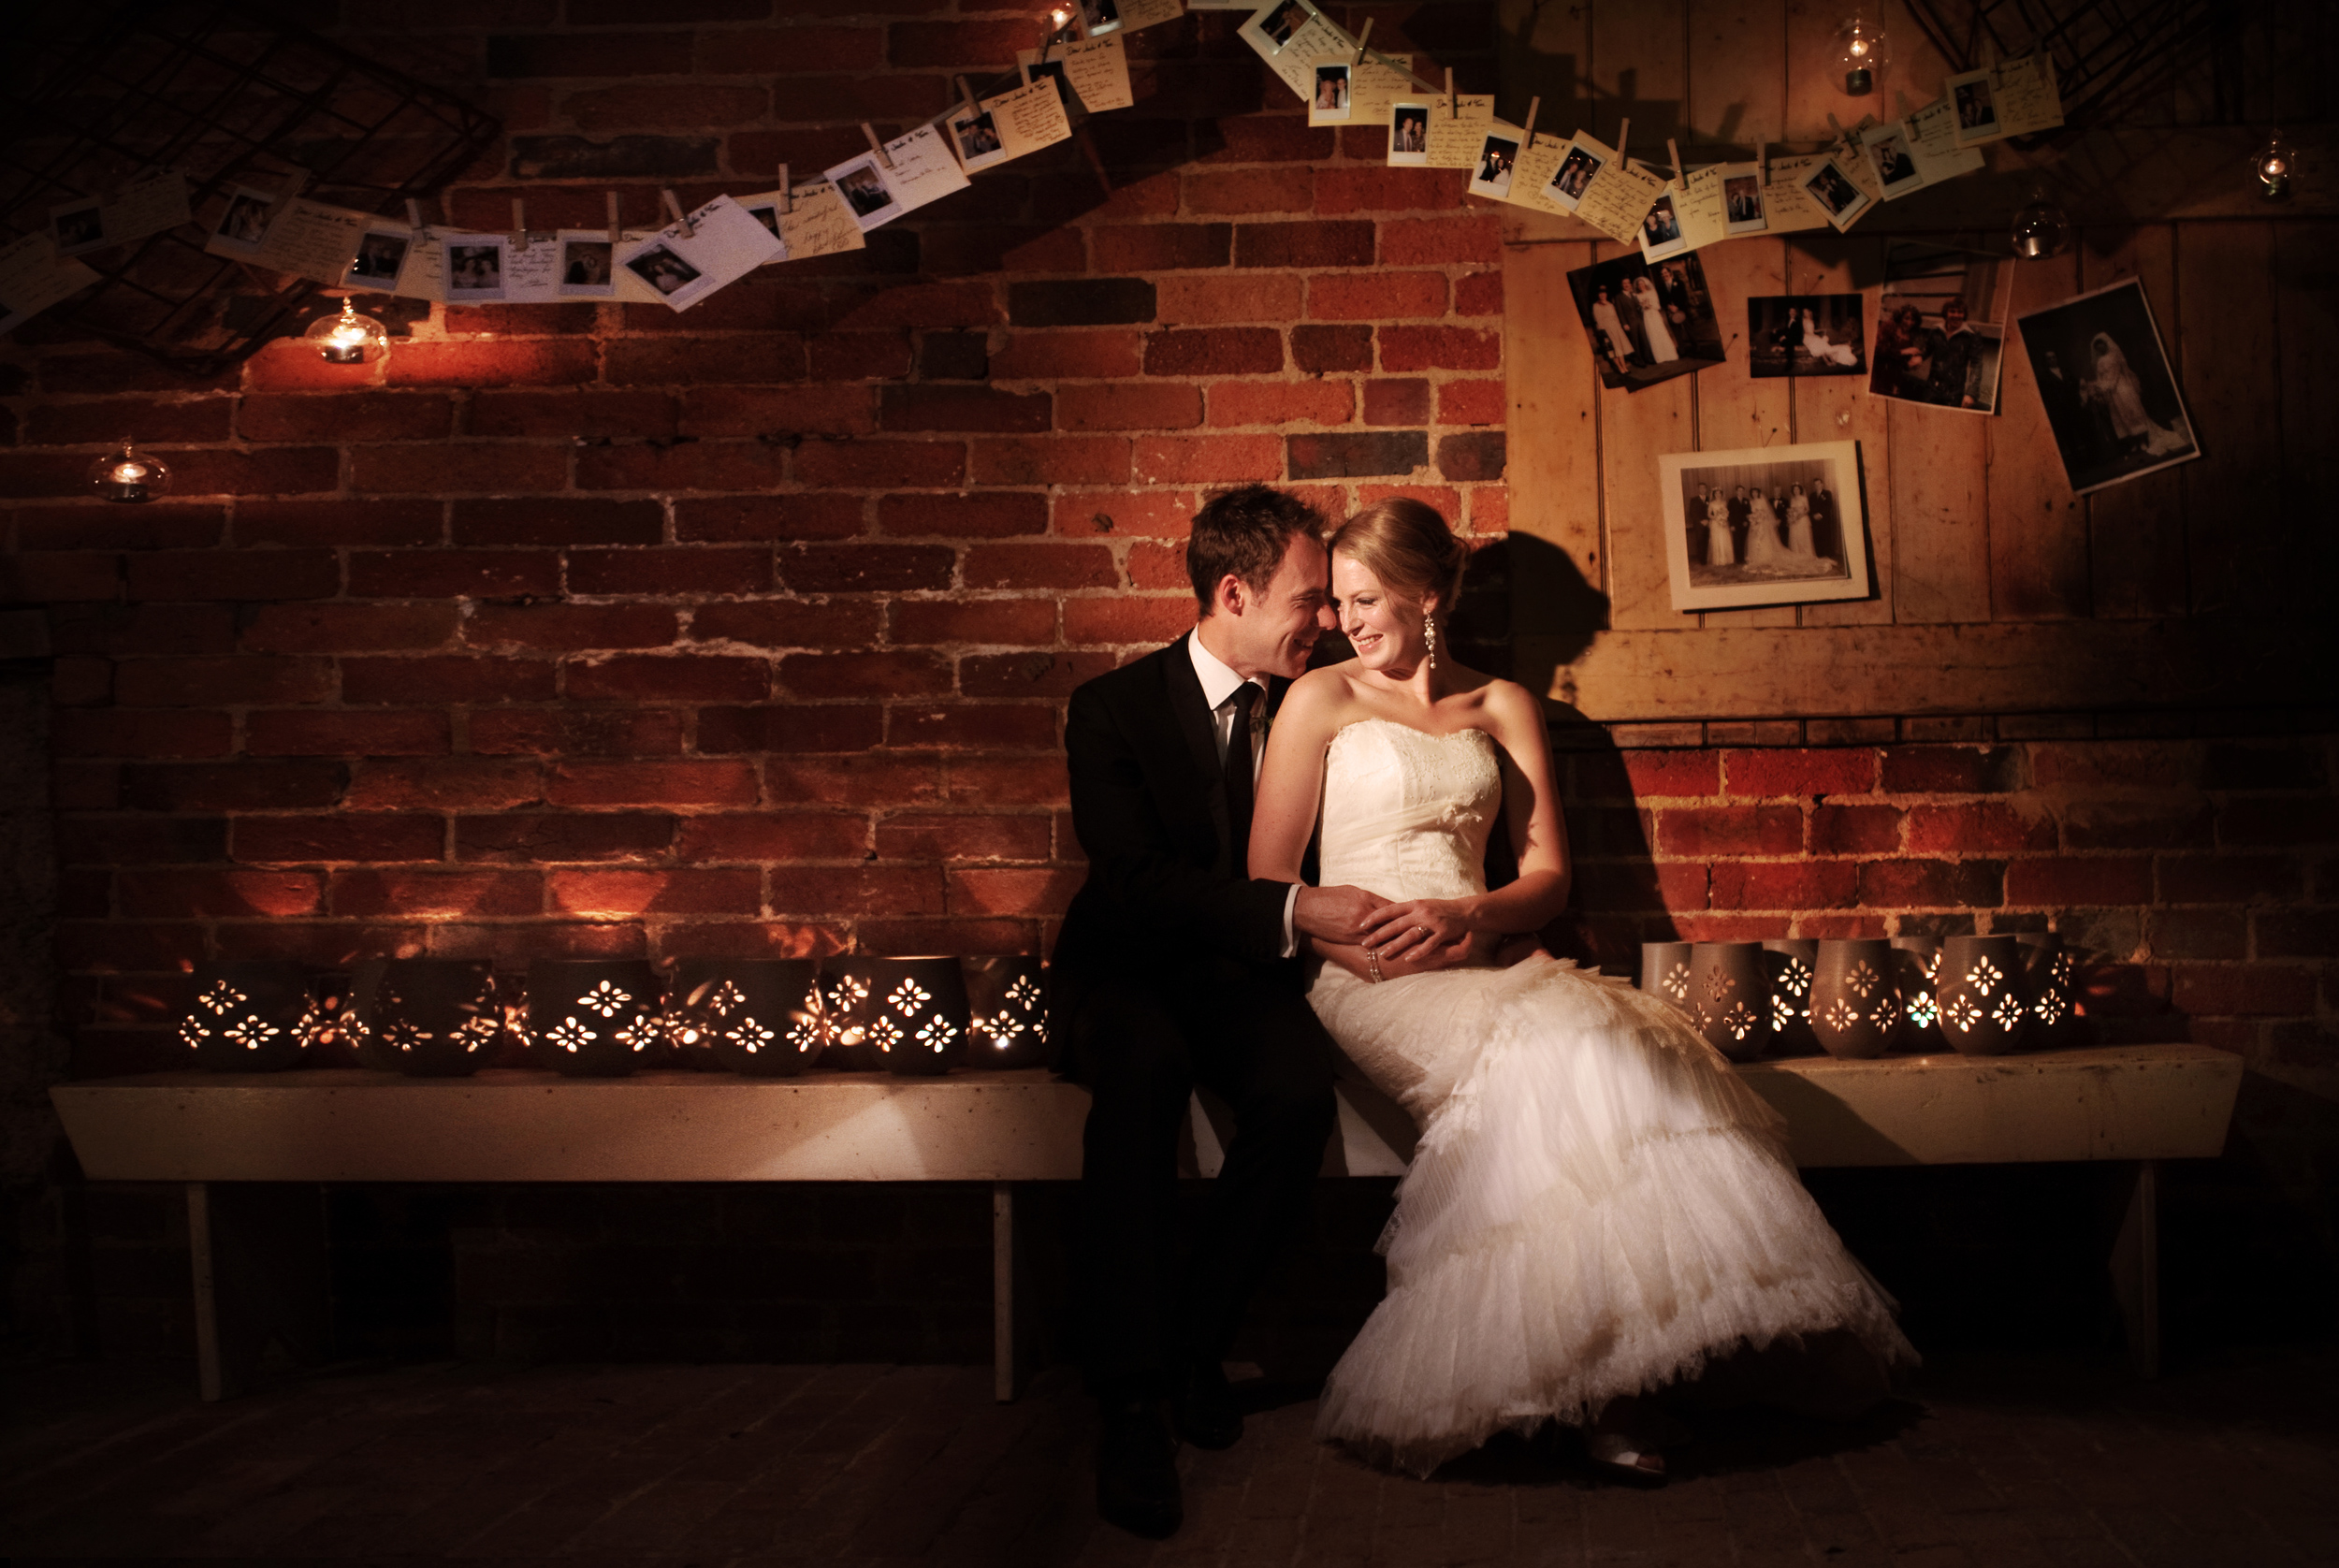 euroa_butter_factory_wedding_photography_96.jpg